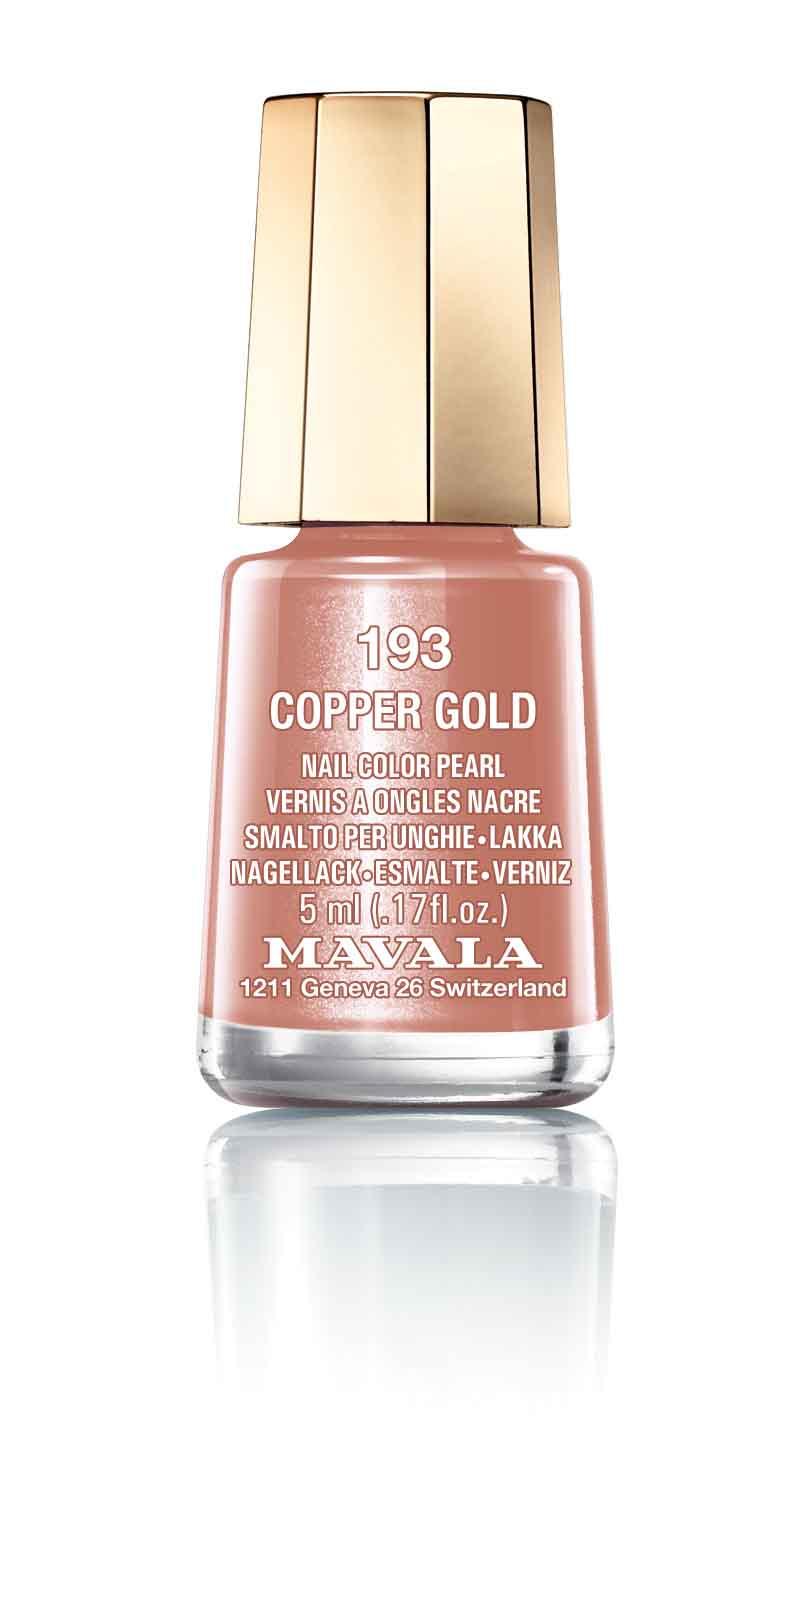 193 COPPER GOLD